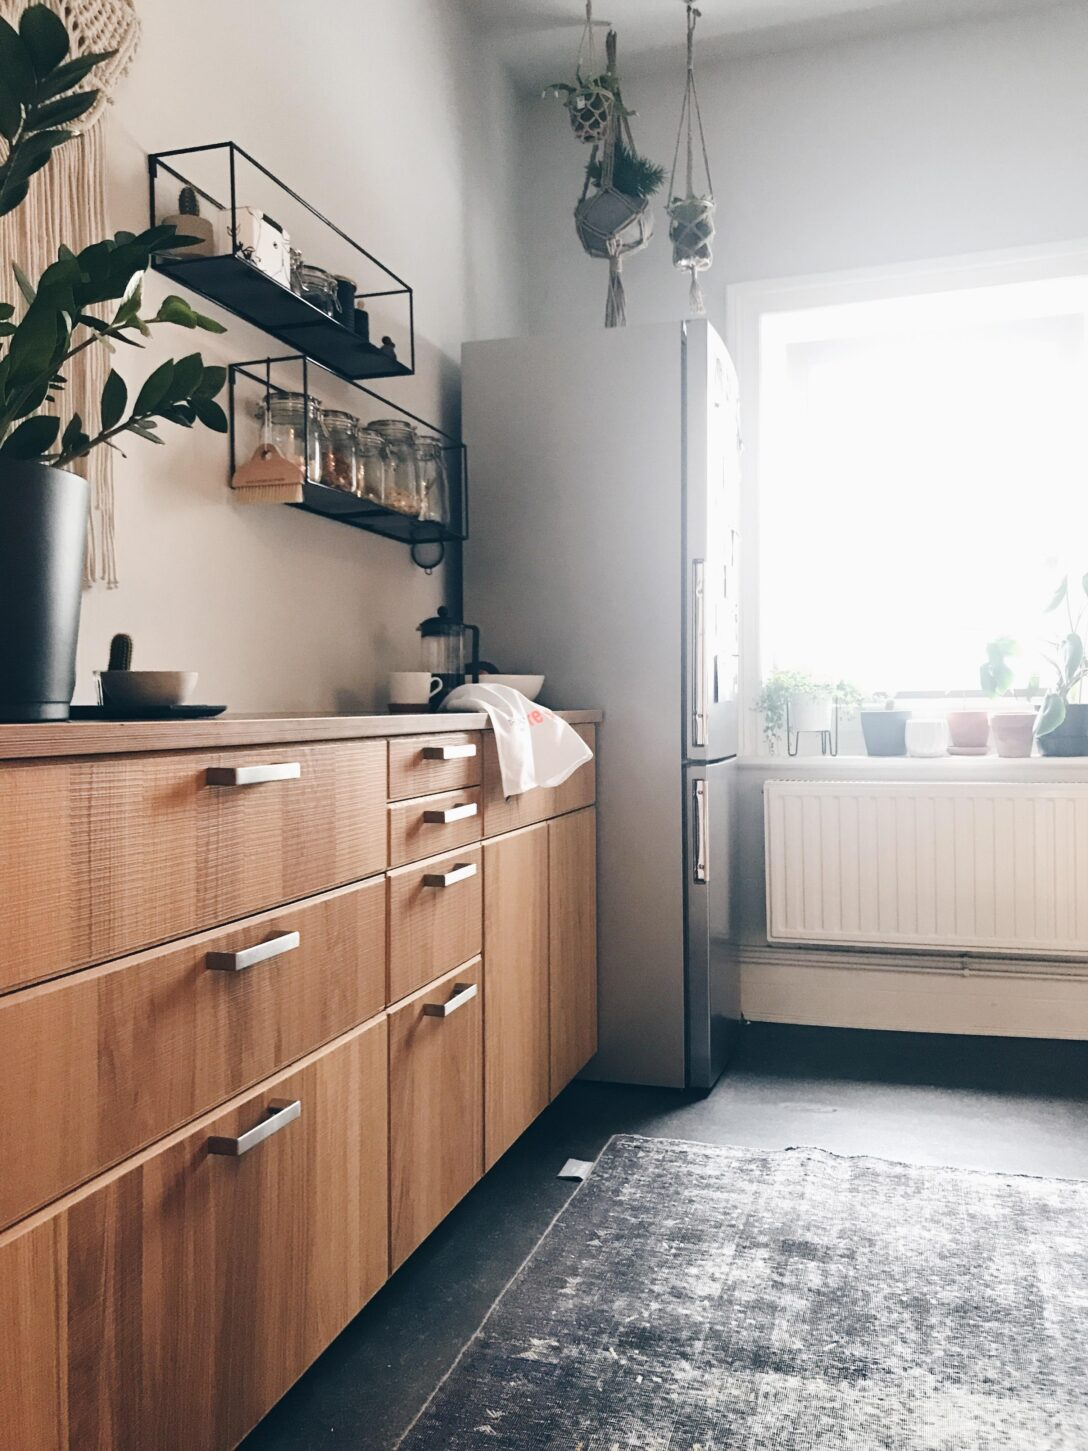 Large Size of Küche Teppich In Der Kche Unbedingt Kitchen Ikeakch Pino Fliesenspiegel Selber Machen Für Salamander Polsterbank Outdoor Edelstahl Ikea Kosten Hängeschrank Wohnzimmer Küche Teppich